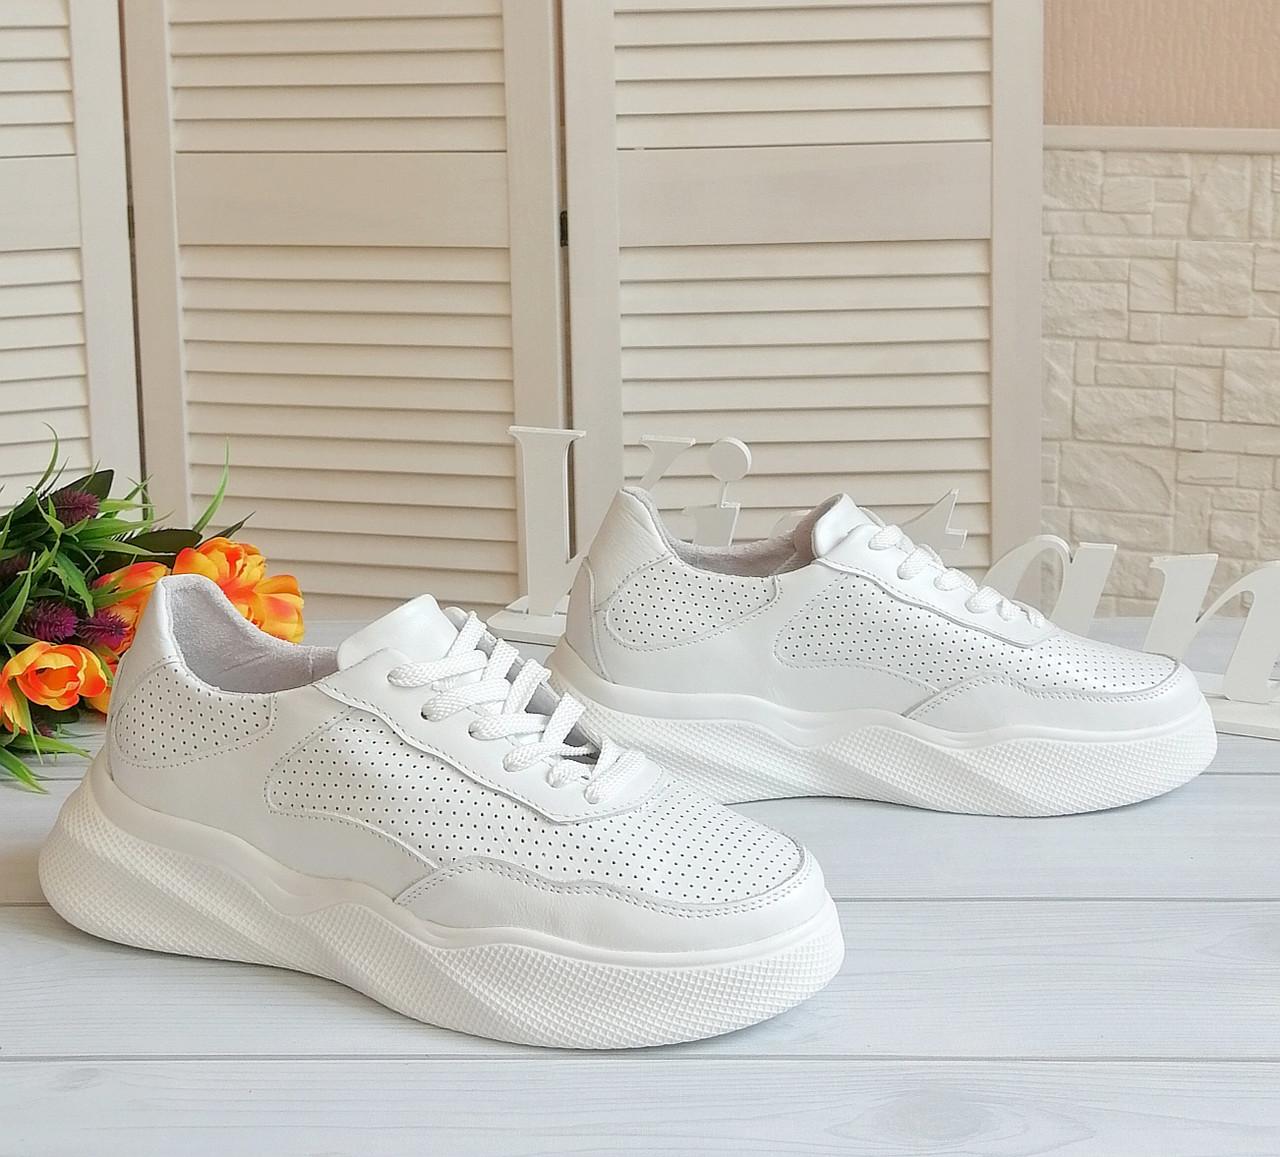 Білі кросівки від виробника